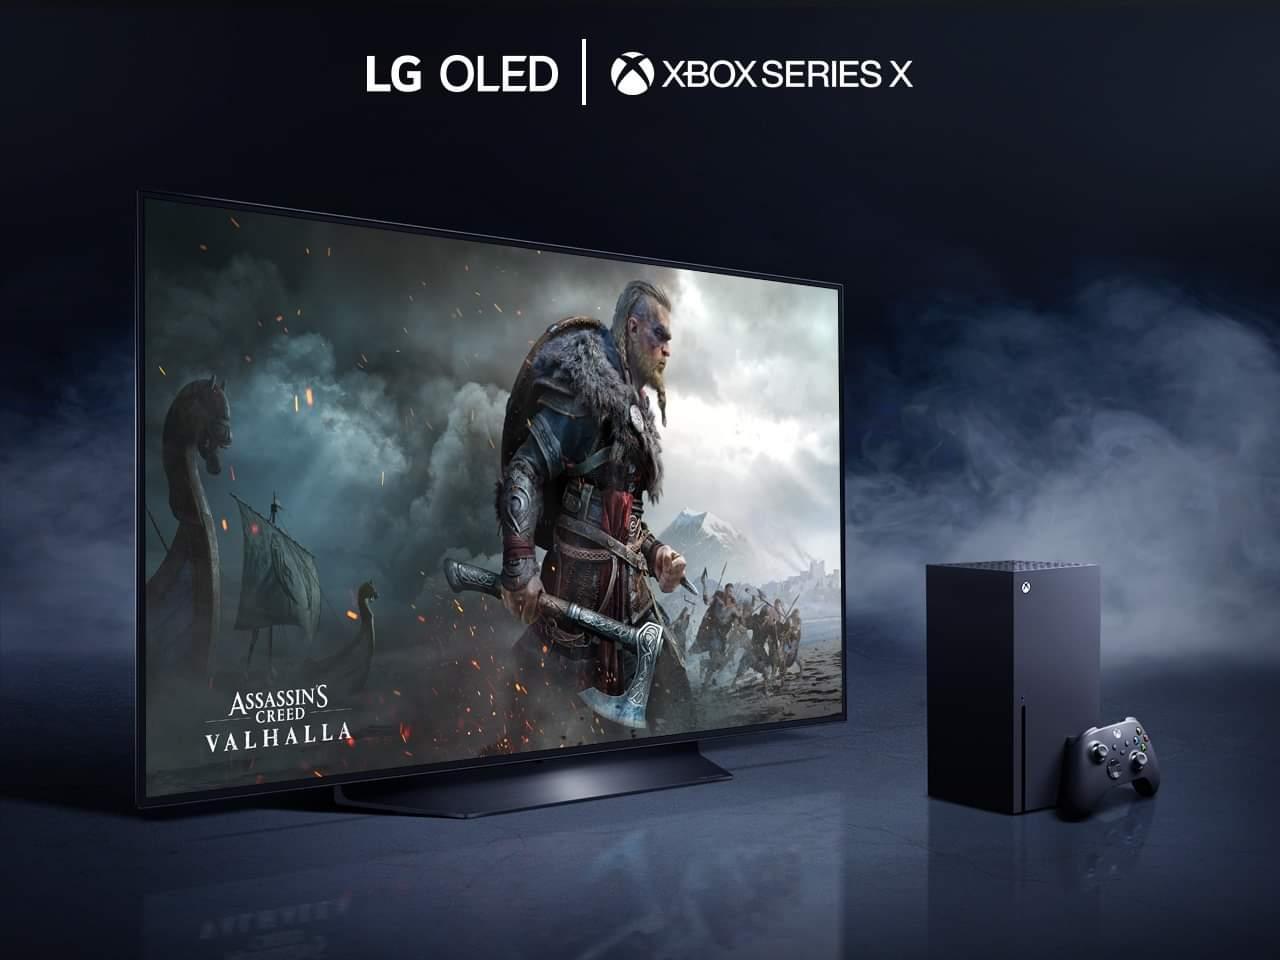 أجهزة تلفاز OLED من آل – جي و XBOX SERIES X تحرر تجربة الألعاب من وحدة التحكم من الجيل الثاني: